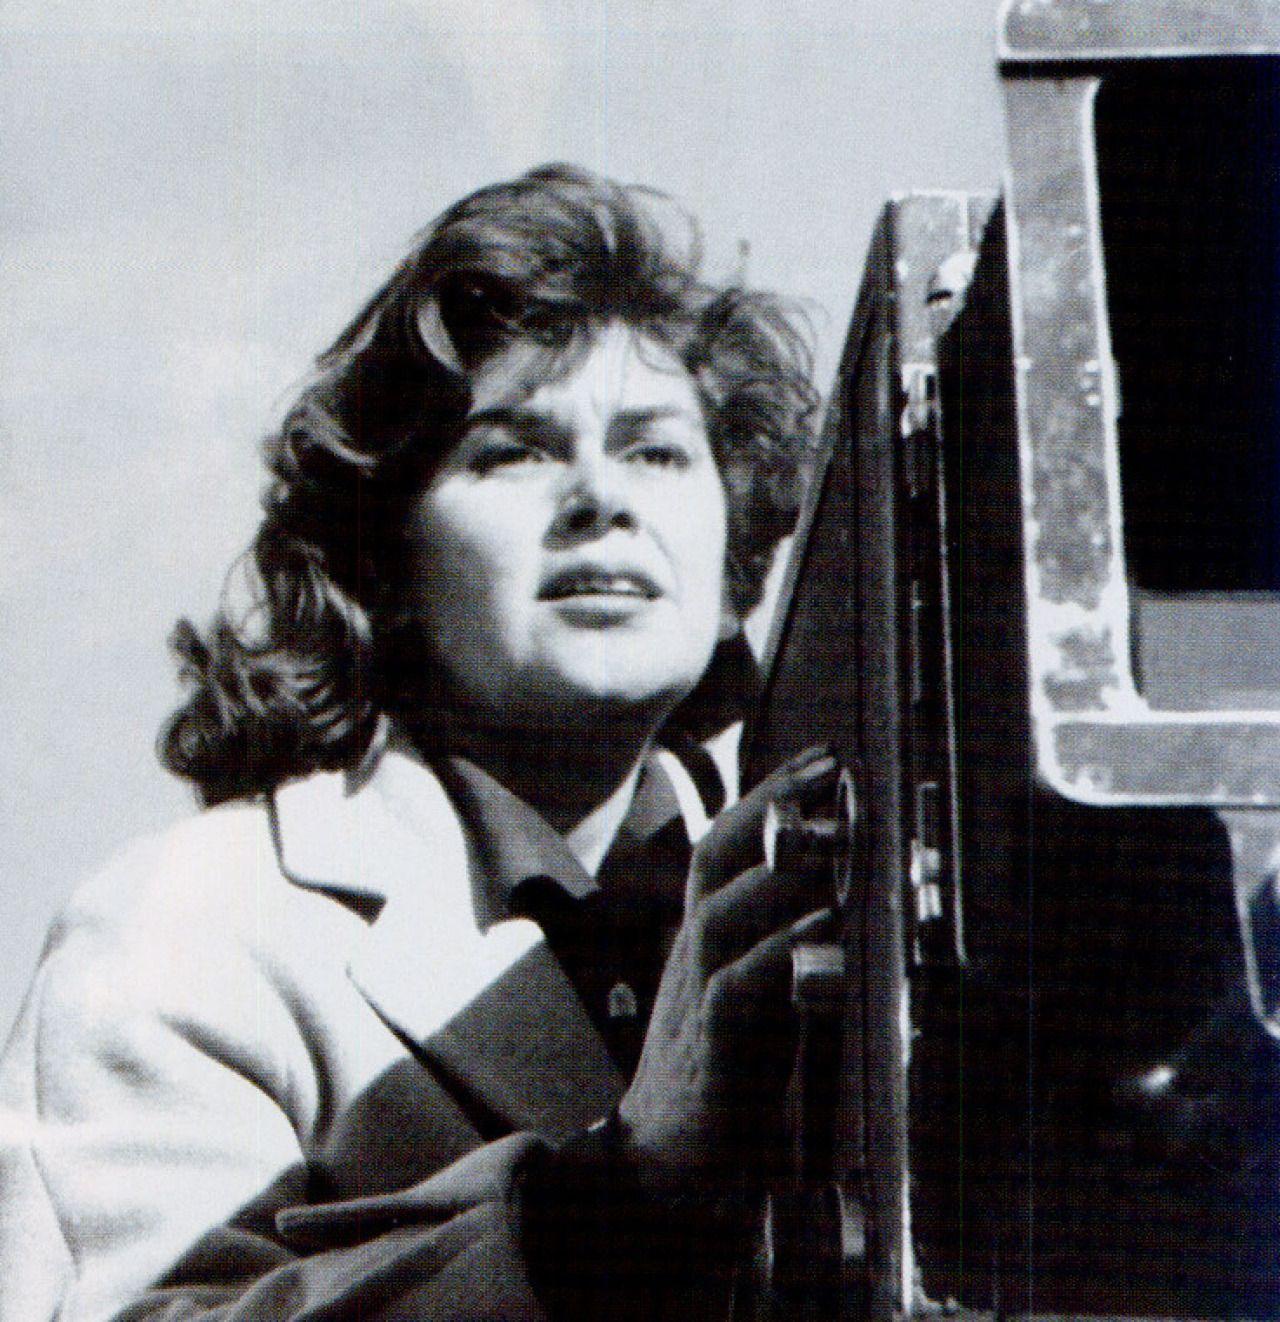 Women Make Film pone el foco en la visión femenina de presentar un personaje en el cine